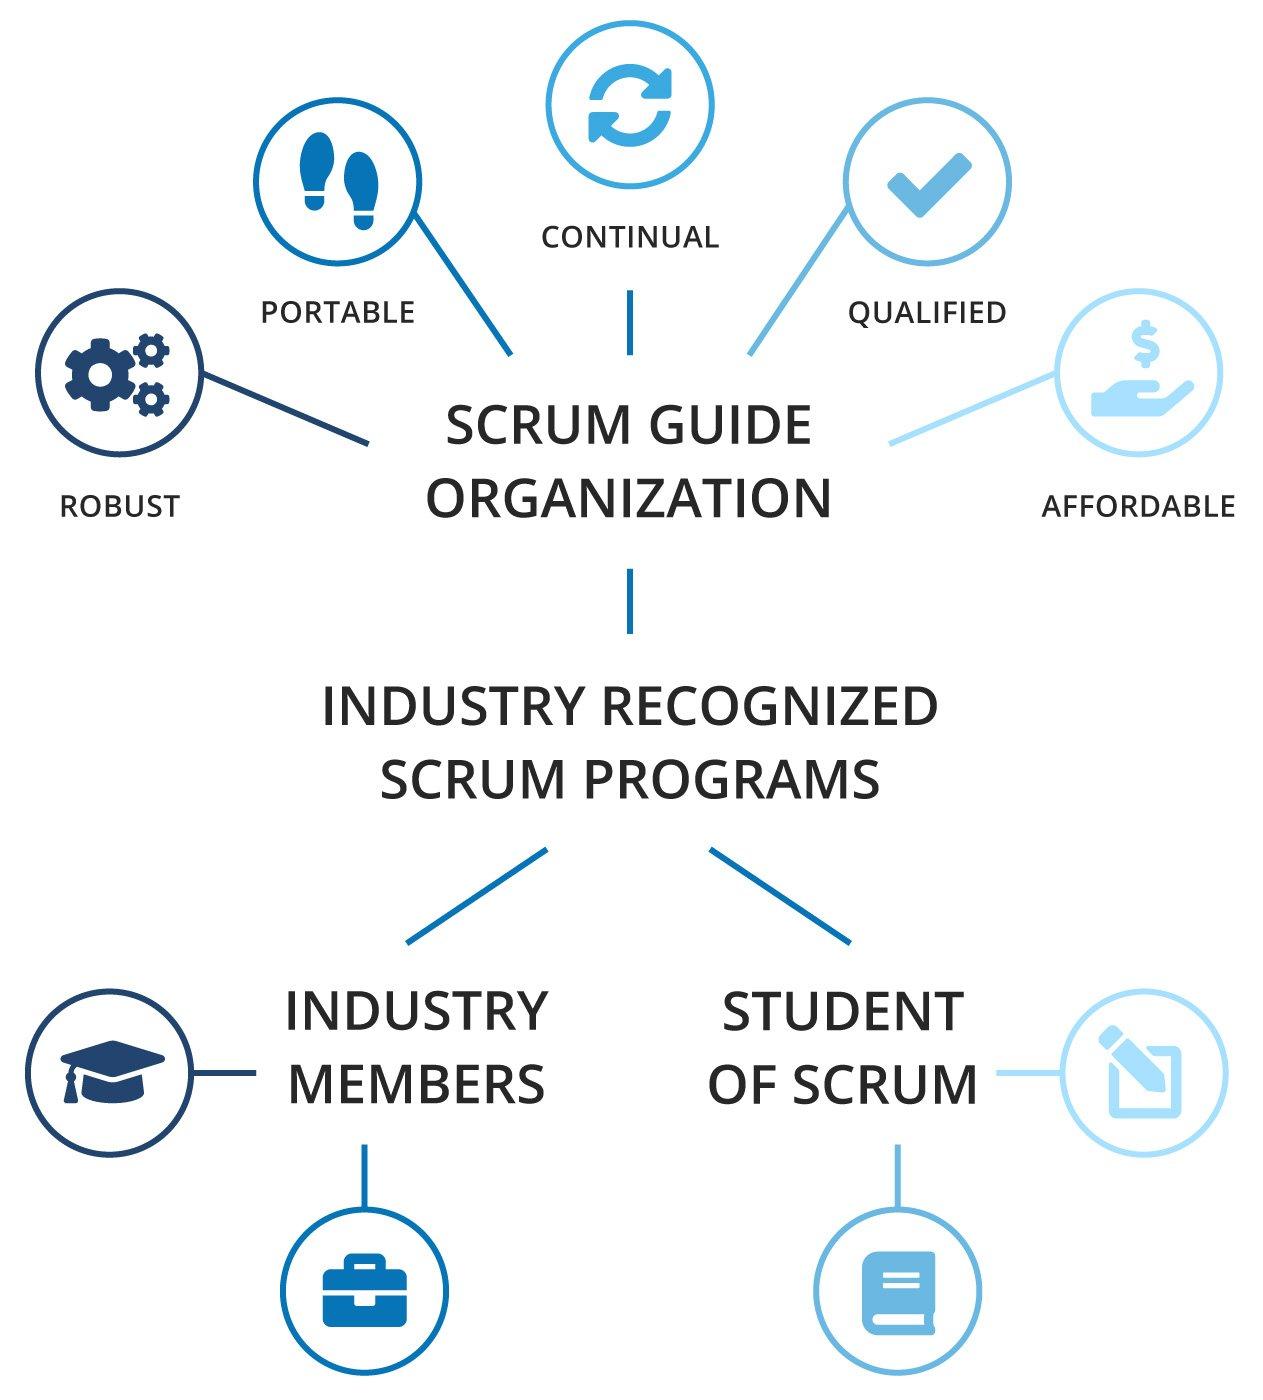 Scrum Guide Organization Credibility Standards